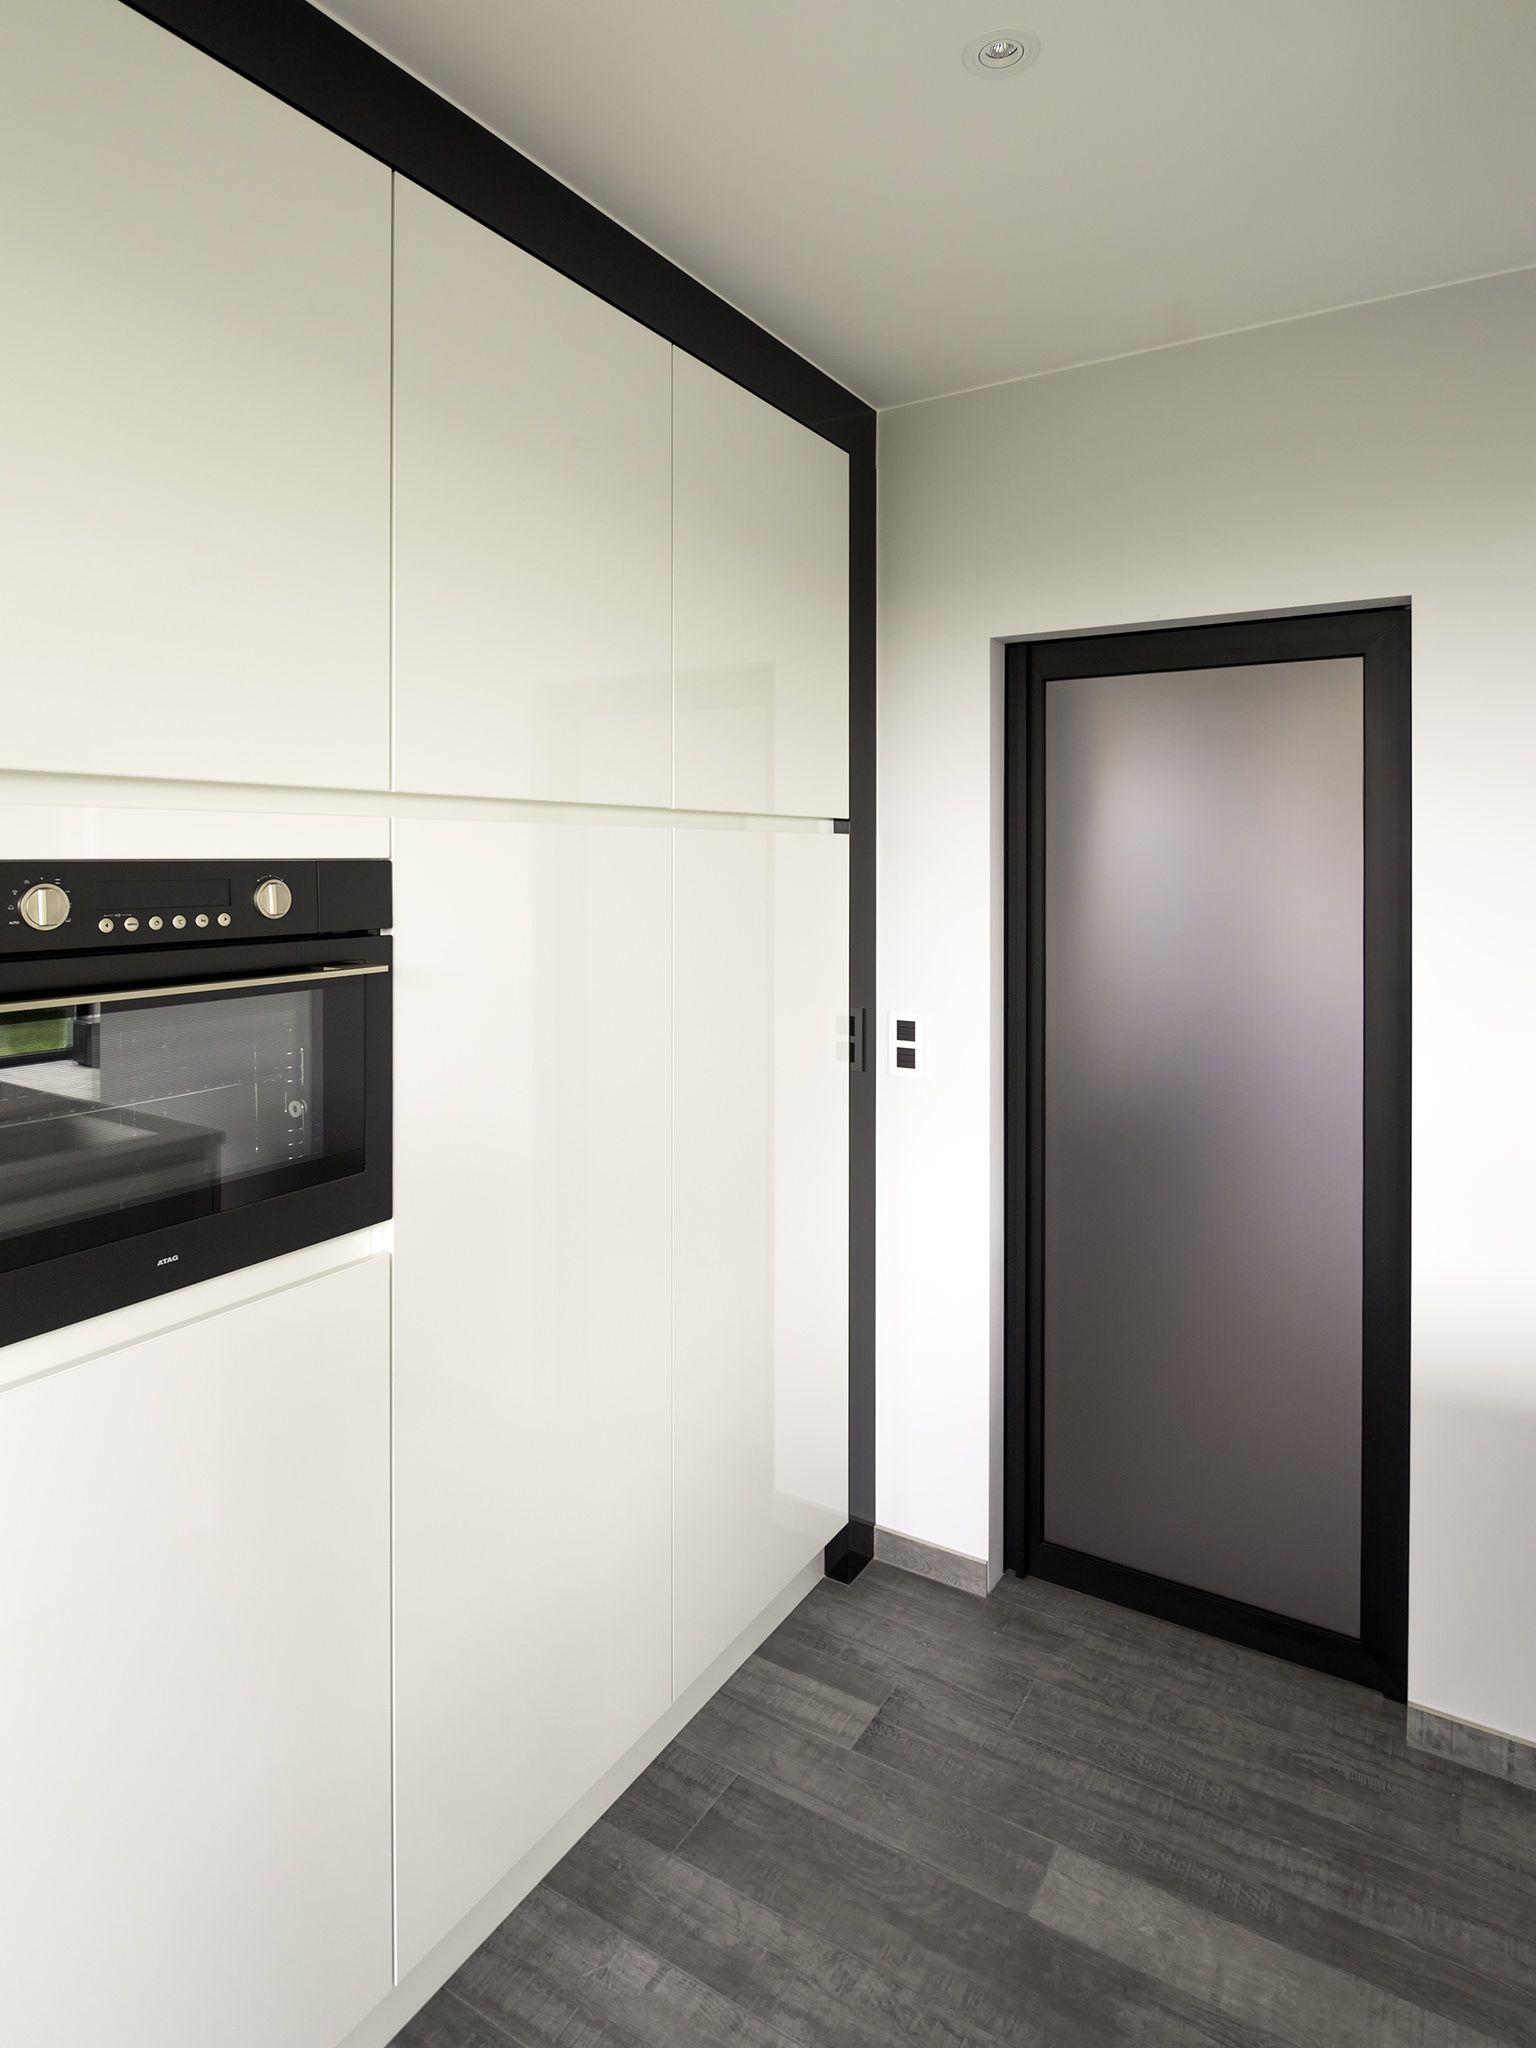 Mat Glazen Deur Met Zwart Aluminium Frame Steel Look Binnendeuren Glazen Deur Deuren Interieur